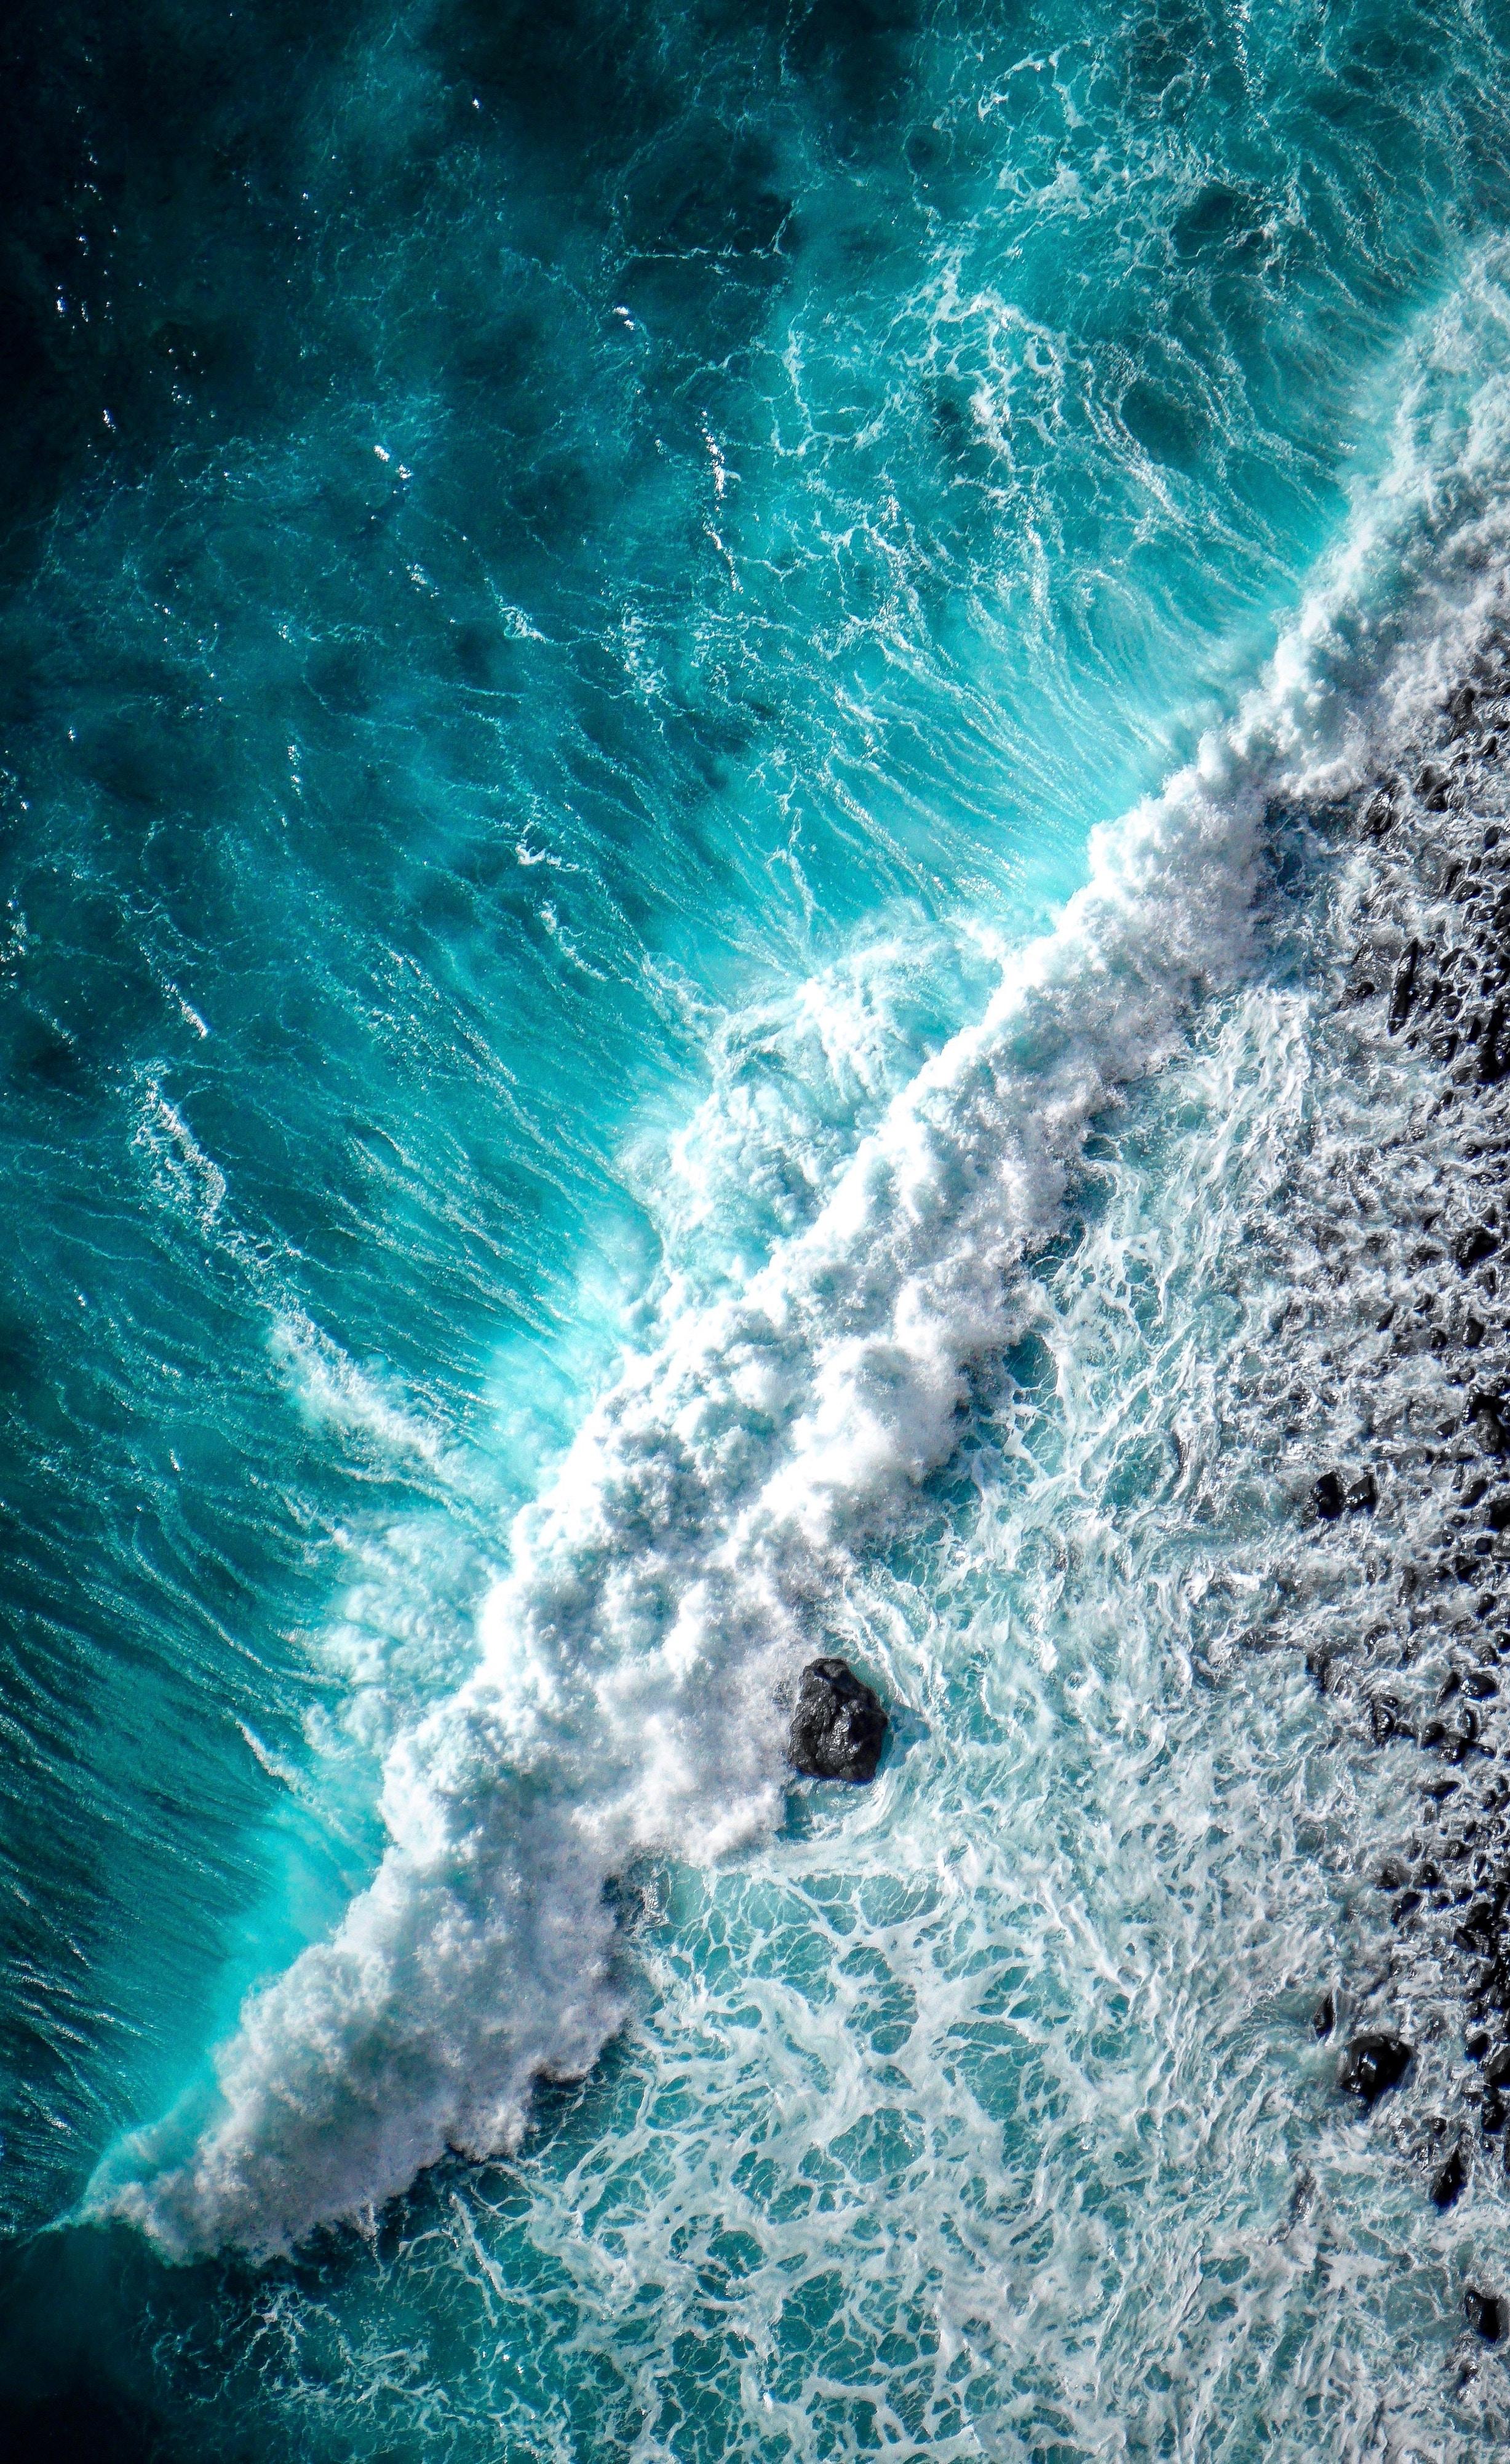 51799 免費下載壁紙 性质, 海洋, 海浪, 波浪, 泡沫, 佩纳, 冲浪, 普里博亚, 从上面看, 顶视图, 水 屏保和圖片